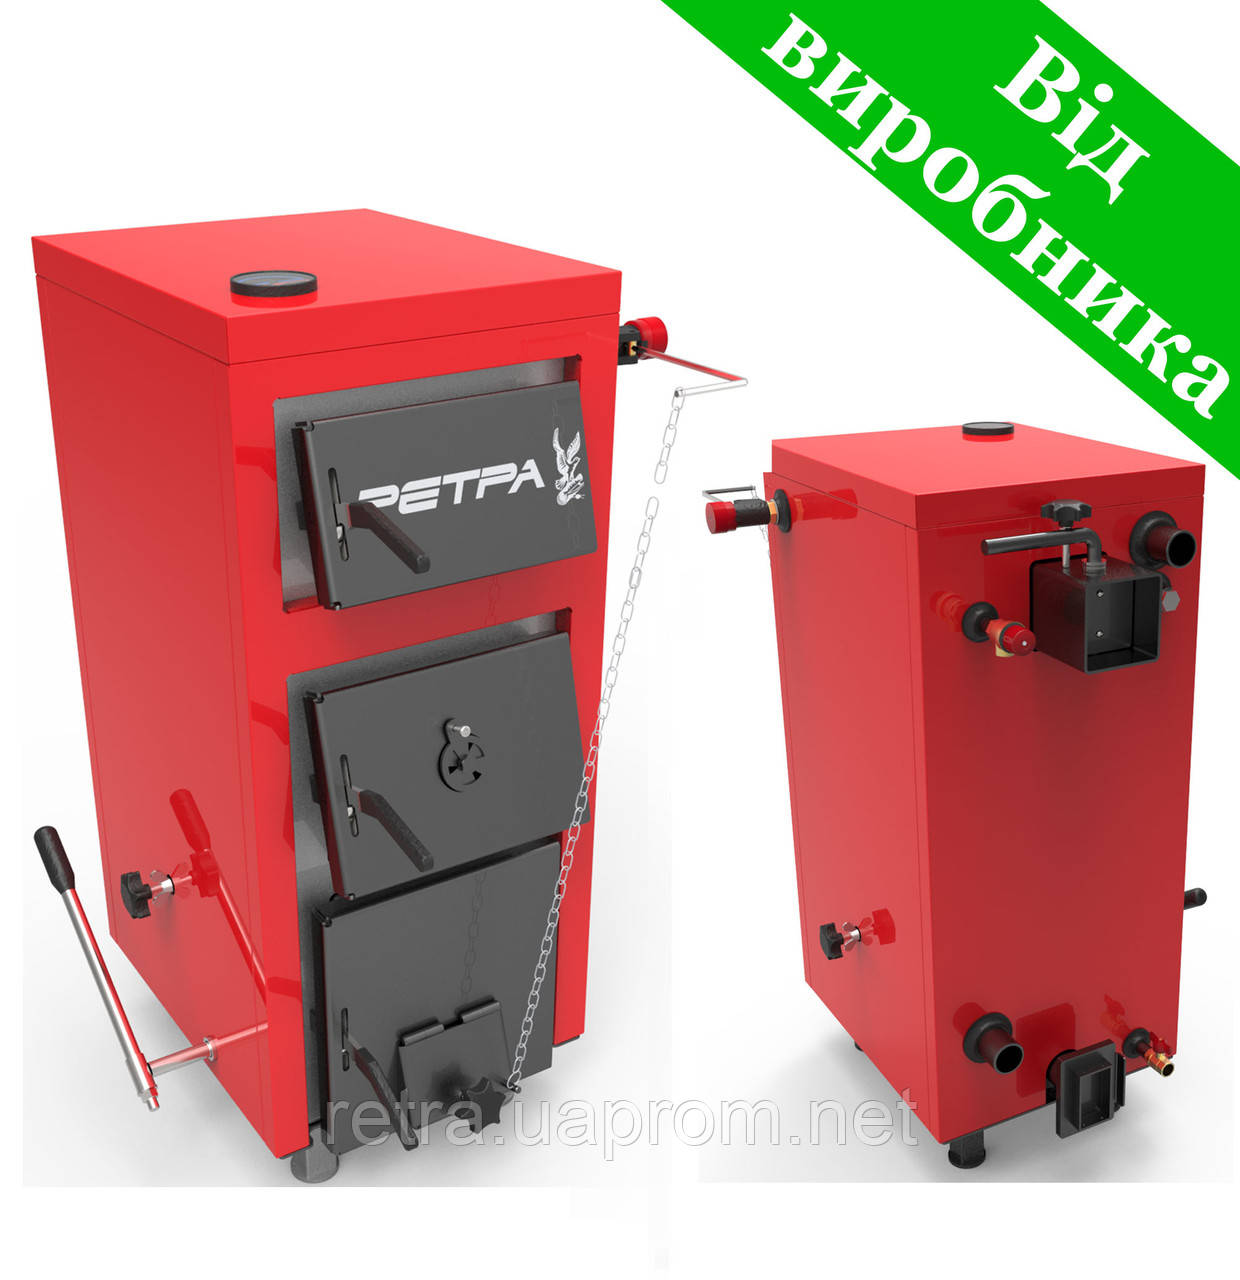 Котел твердотопливный Ретра-5М 20 кВт длительного горения